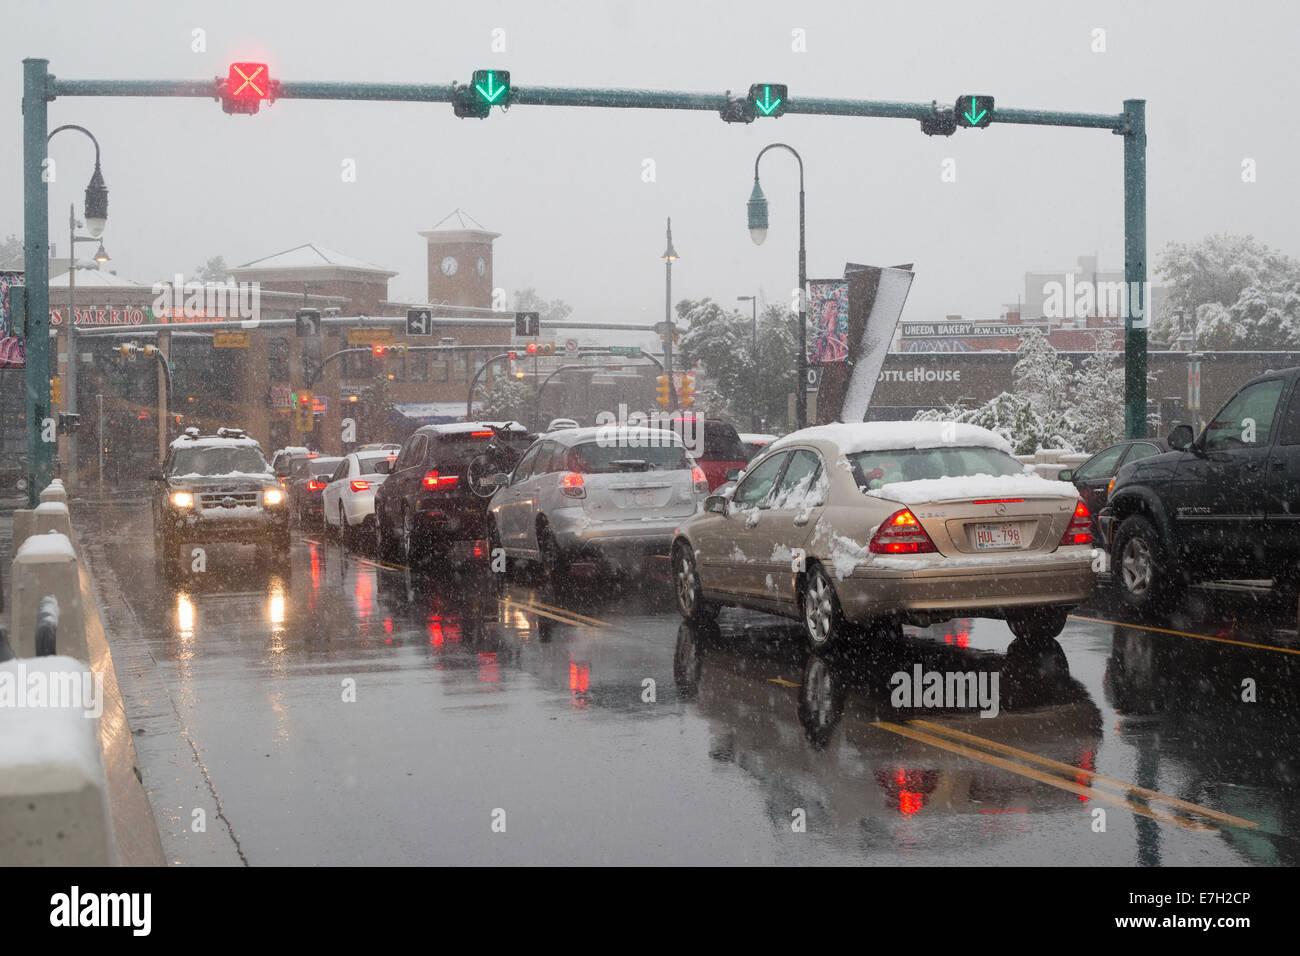 10th Street bridge Lane Umkehrsystem. Der Verkehr fließt in verschiedene Richtungen während der Hauptverkehrszeit Stockbild